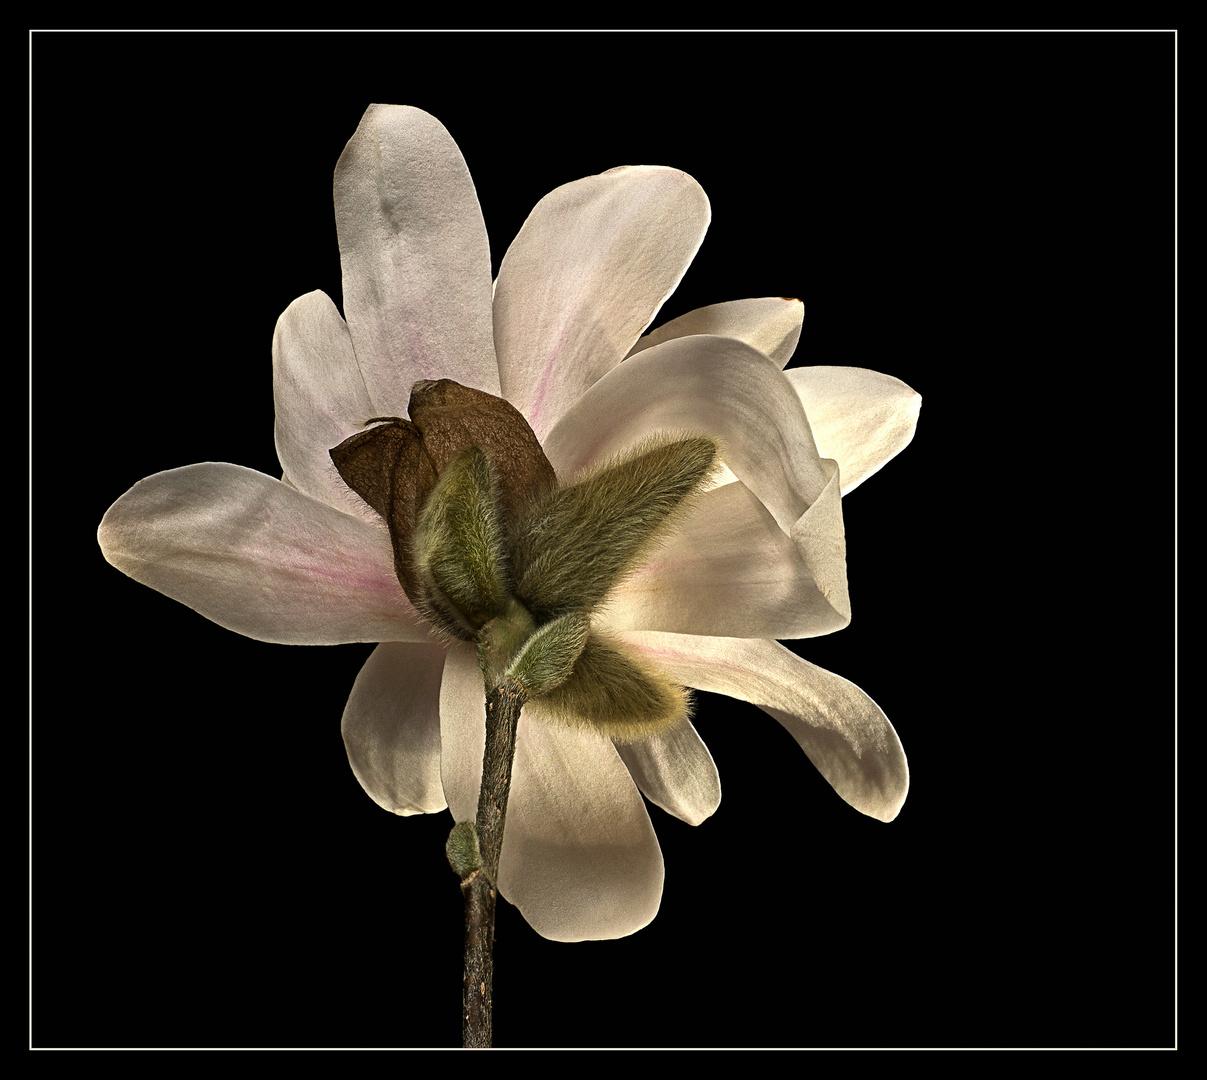 Ich bin die attraktive Rückseite einer Sternmagnolie – Magnolia stellata